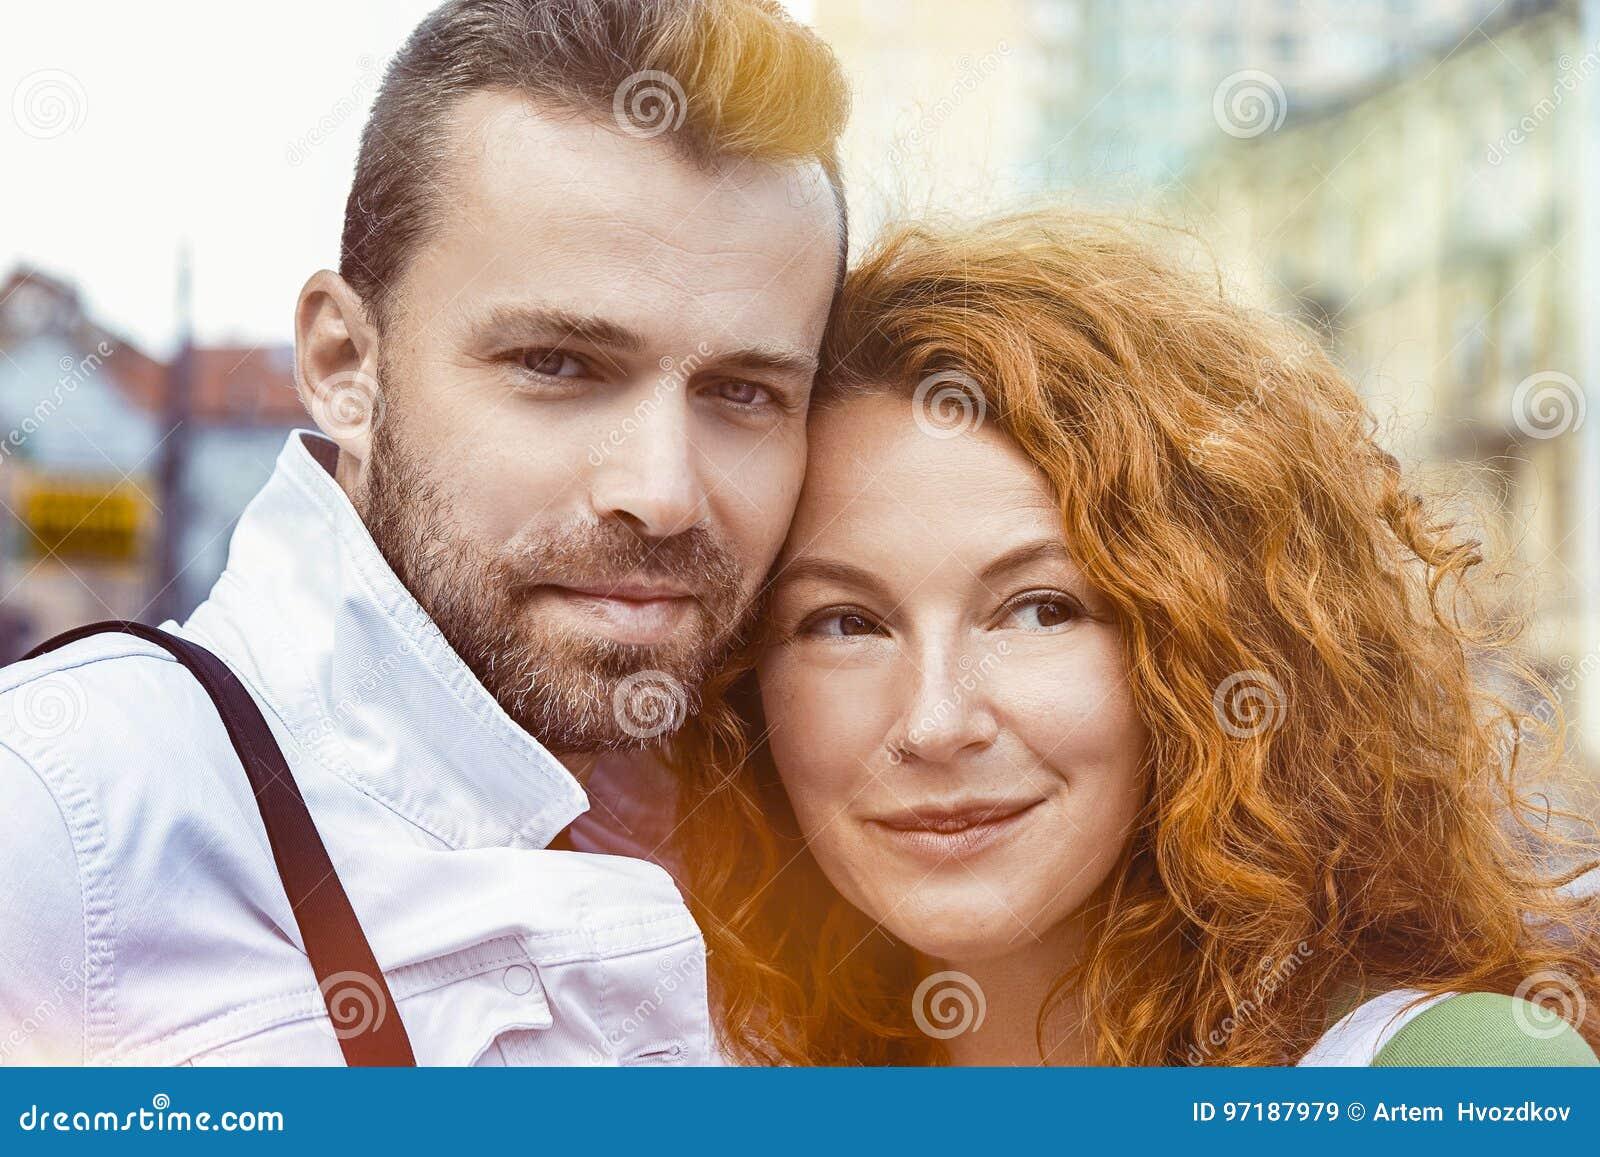 Chiuda insieme sul ritratto delle coppie felici, il giorno, all aperto